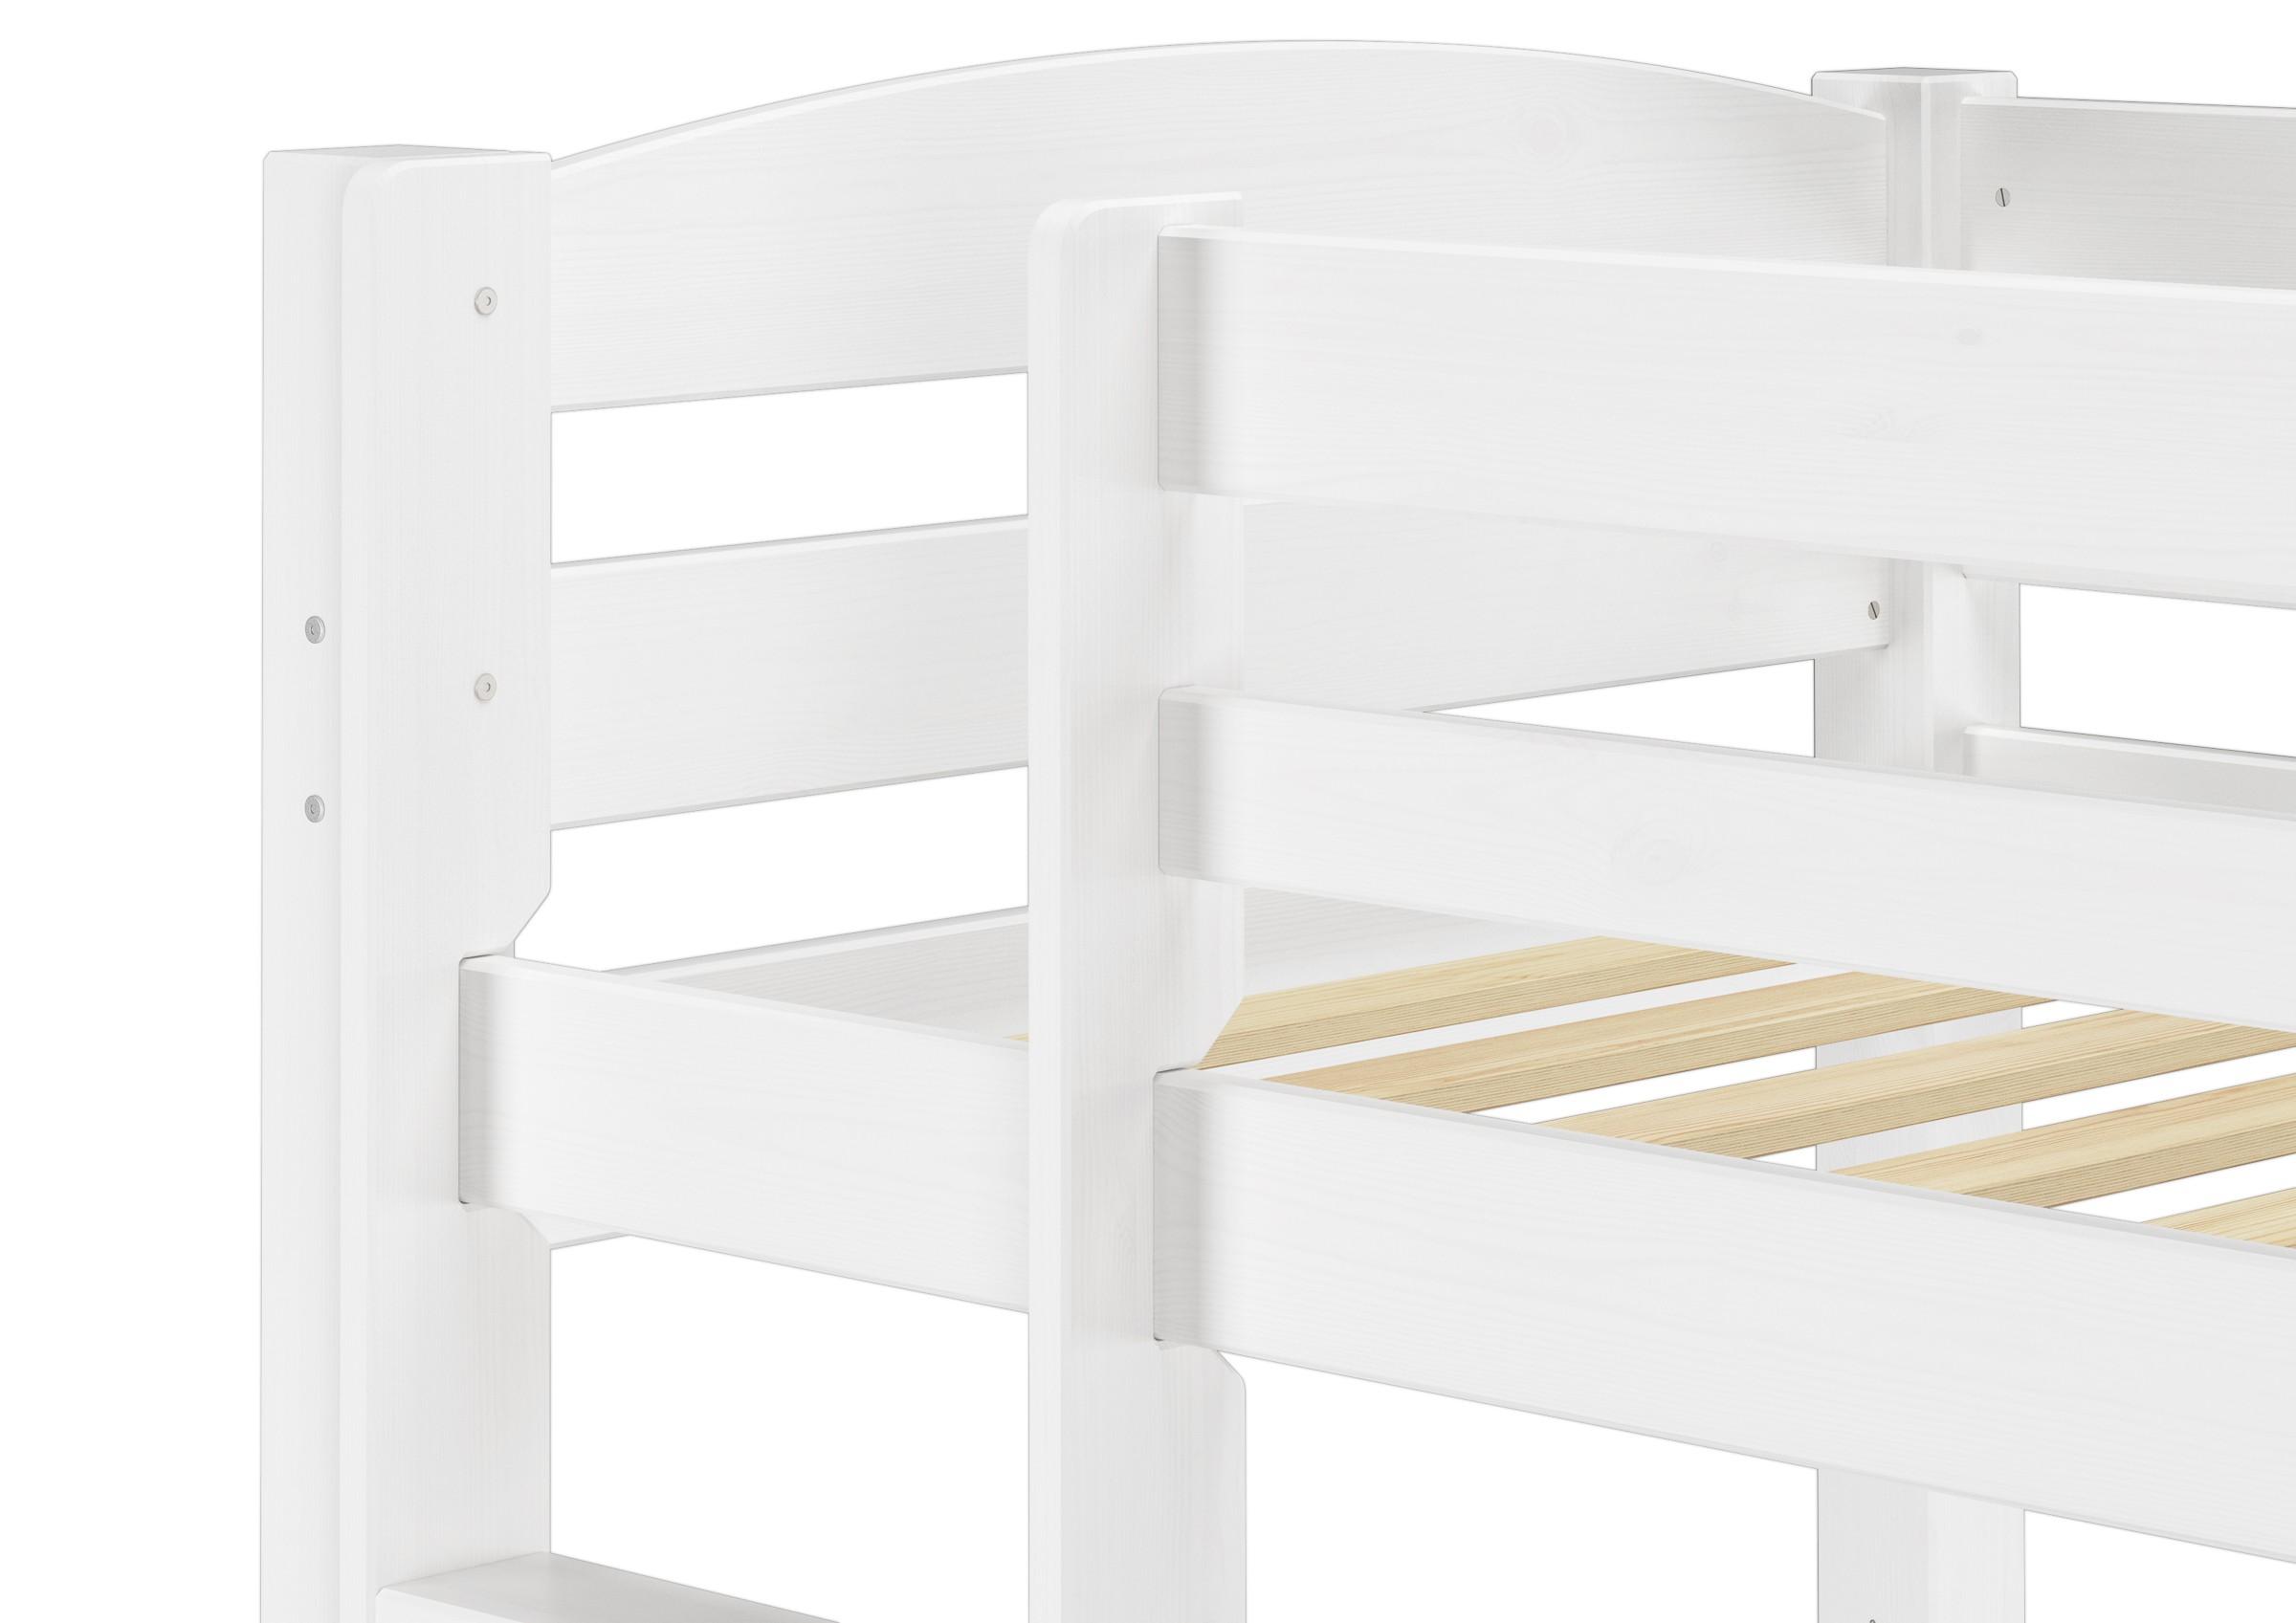 Etagenbett Kiefer Weiß : Kinderbett etagenbett stockbett salomo doppelbett hochbett holz